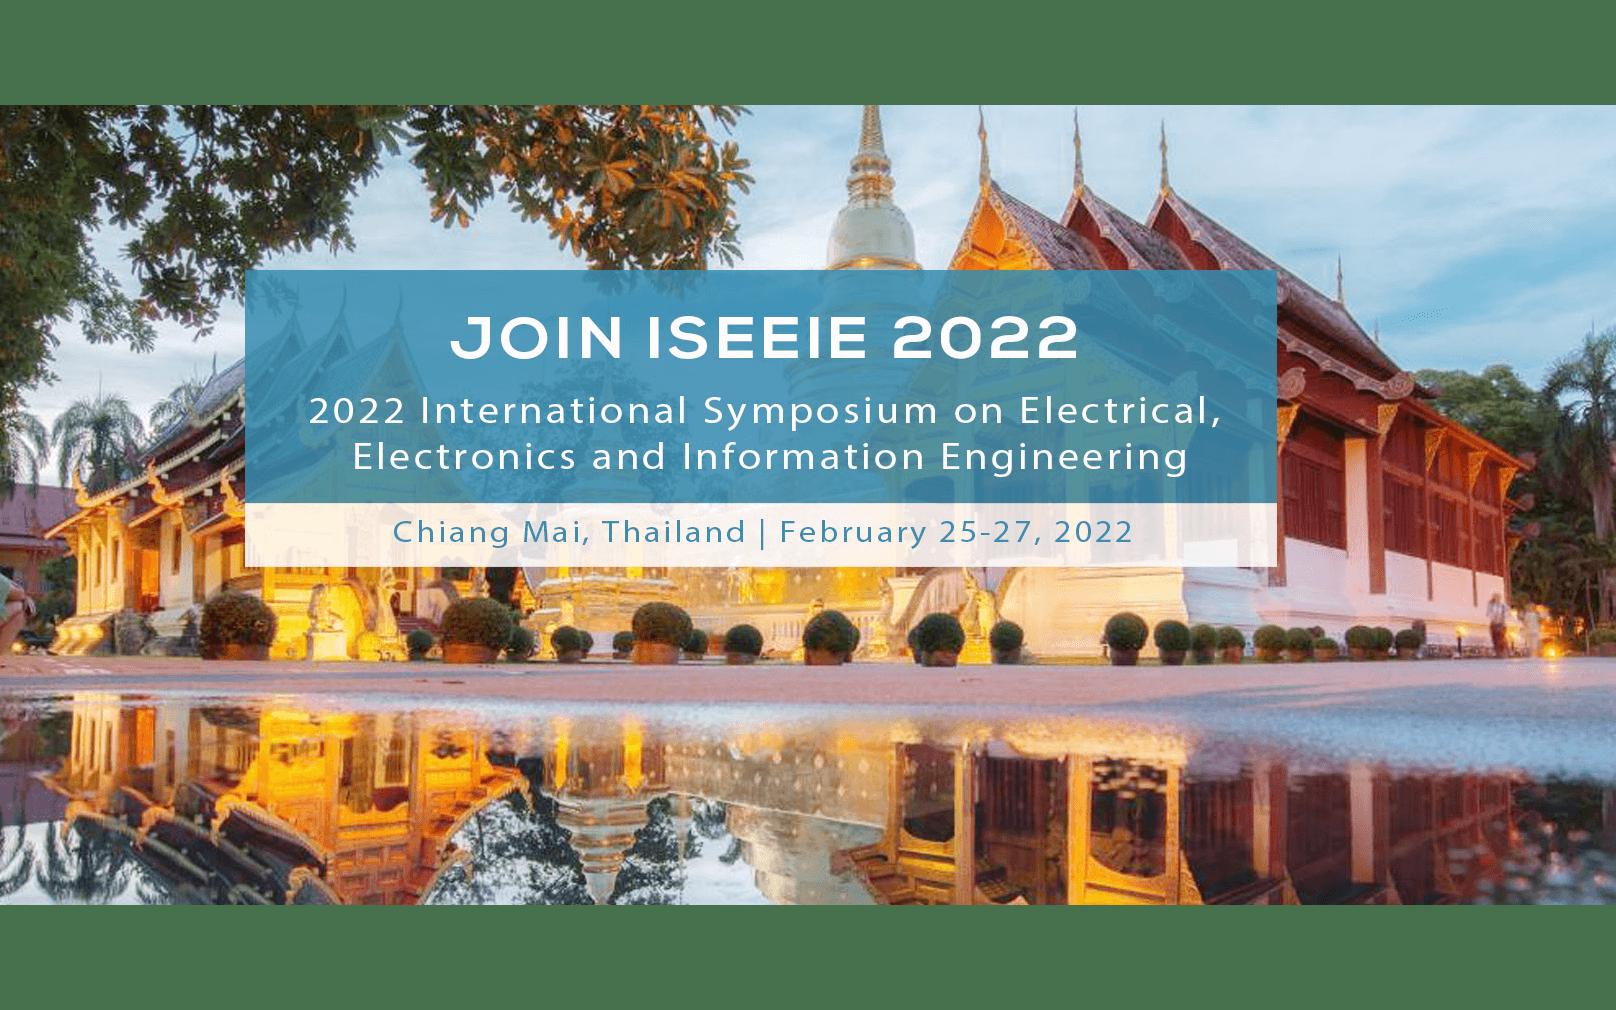 【EI检索】2022年电气,电子与信息工程国际会议(ISEEIE 2022)